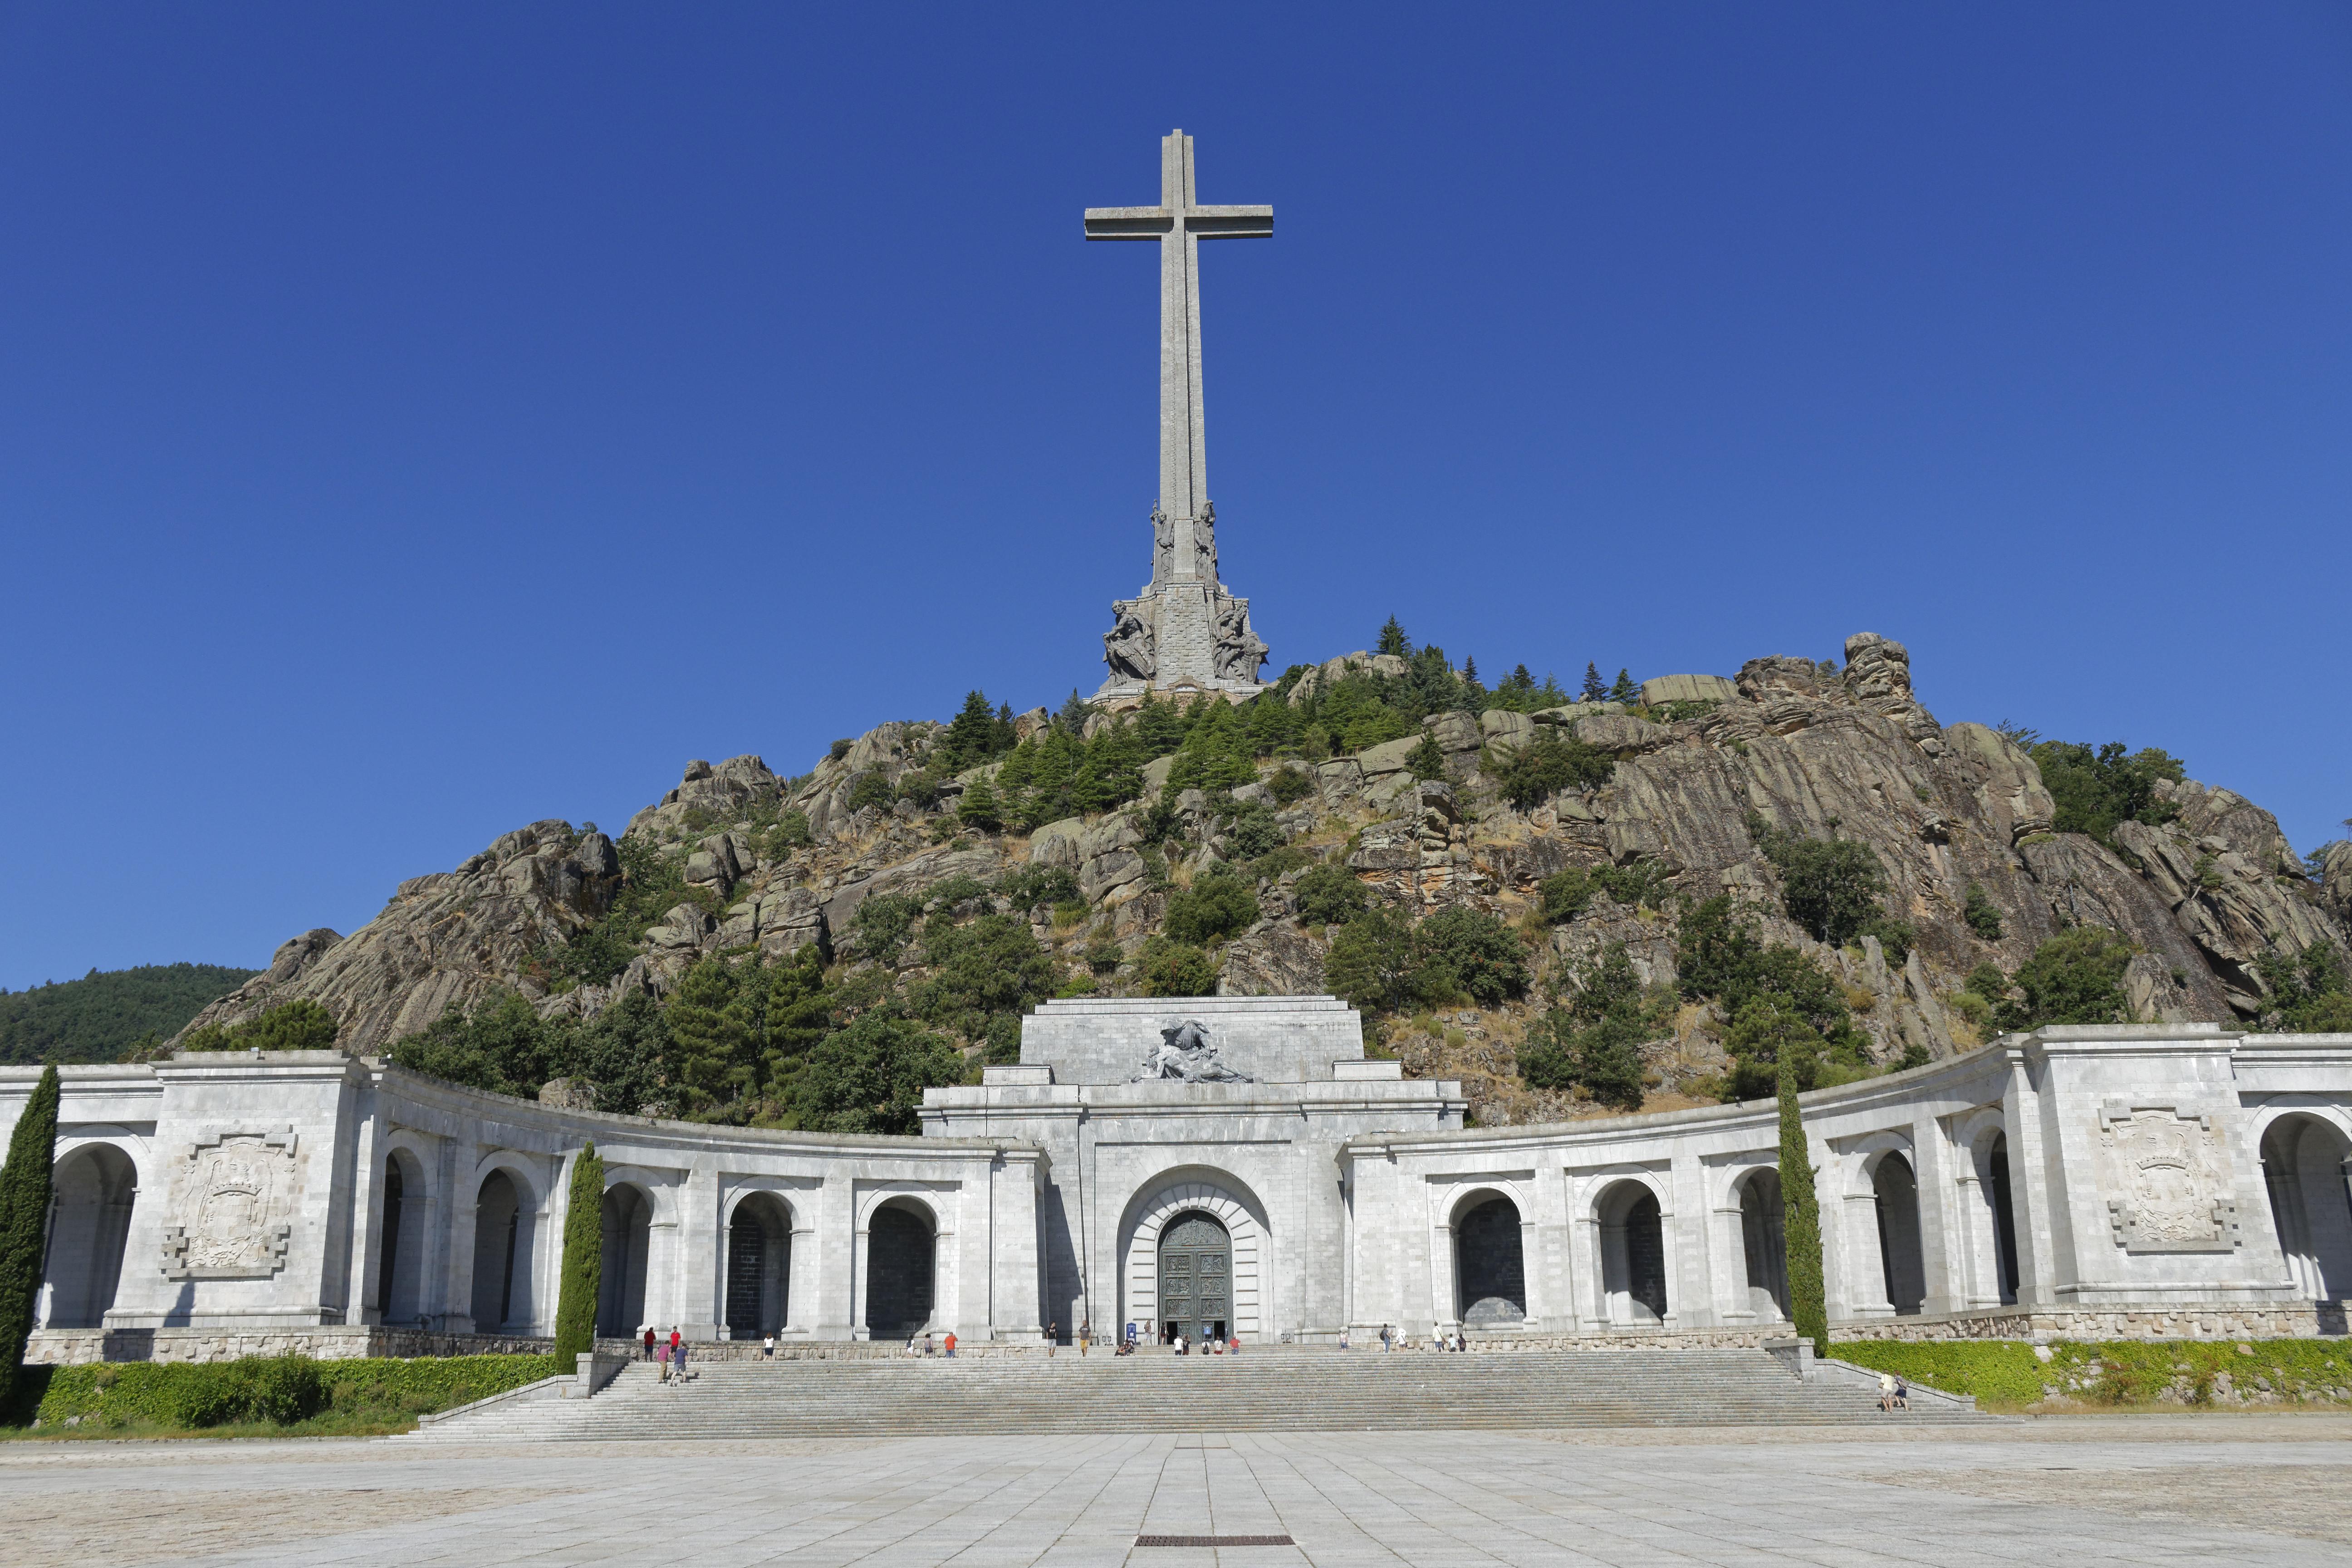 Valle de Los Caídos Basilica, San Lorenzo de el Escorial, Madrid, Spain [3872 x 2592]